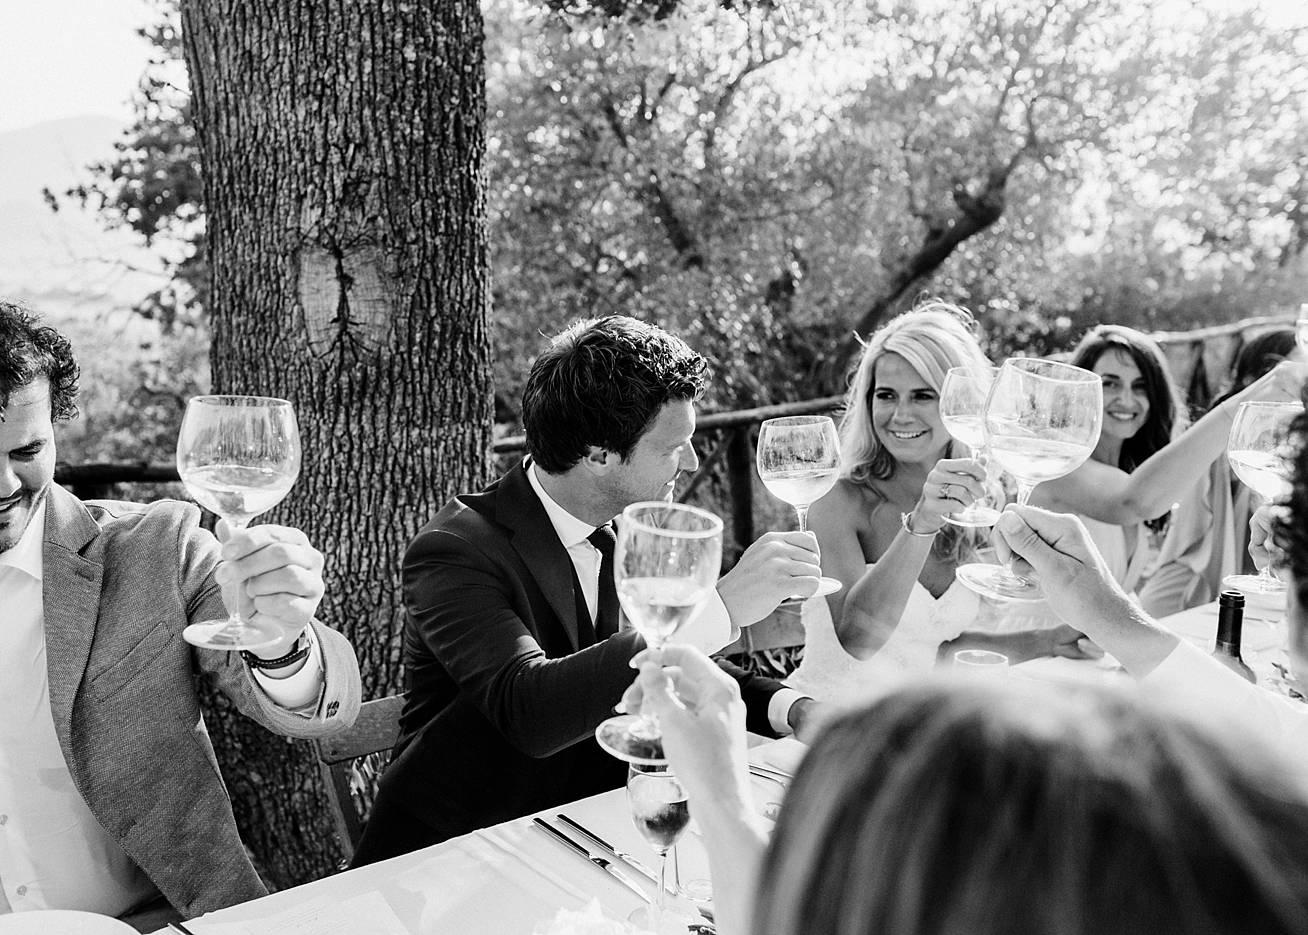 Amanda-Drost-Fotografie-trouwen-in-italie-bruidsfotografie_0075.jpg